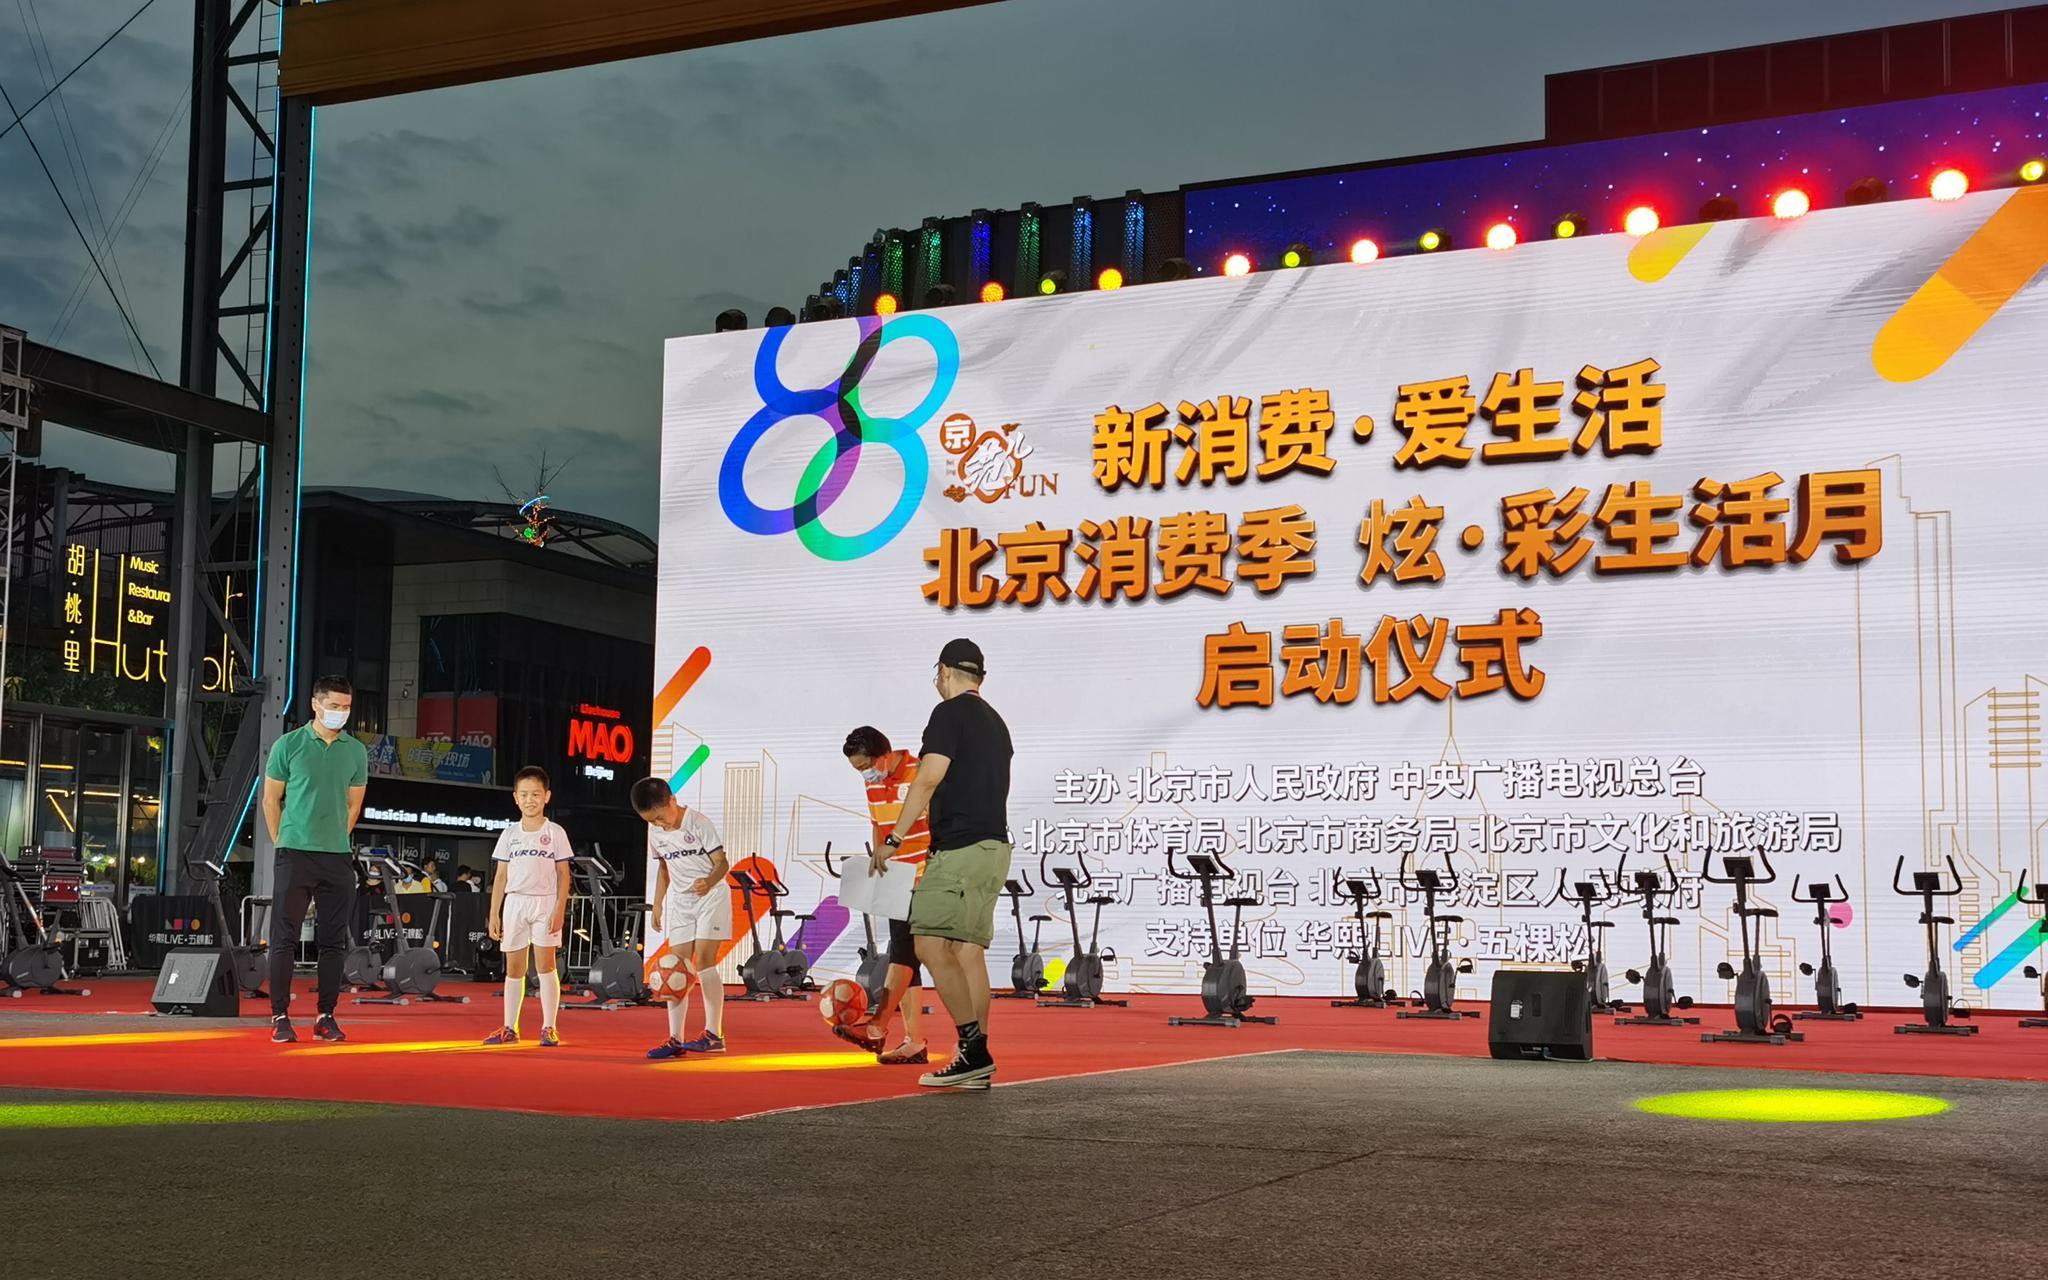 首届北京体育消费节开幕,这场直播既有球赛也有带货